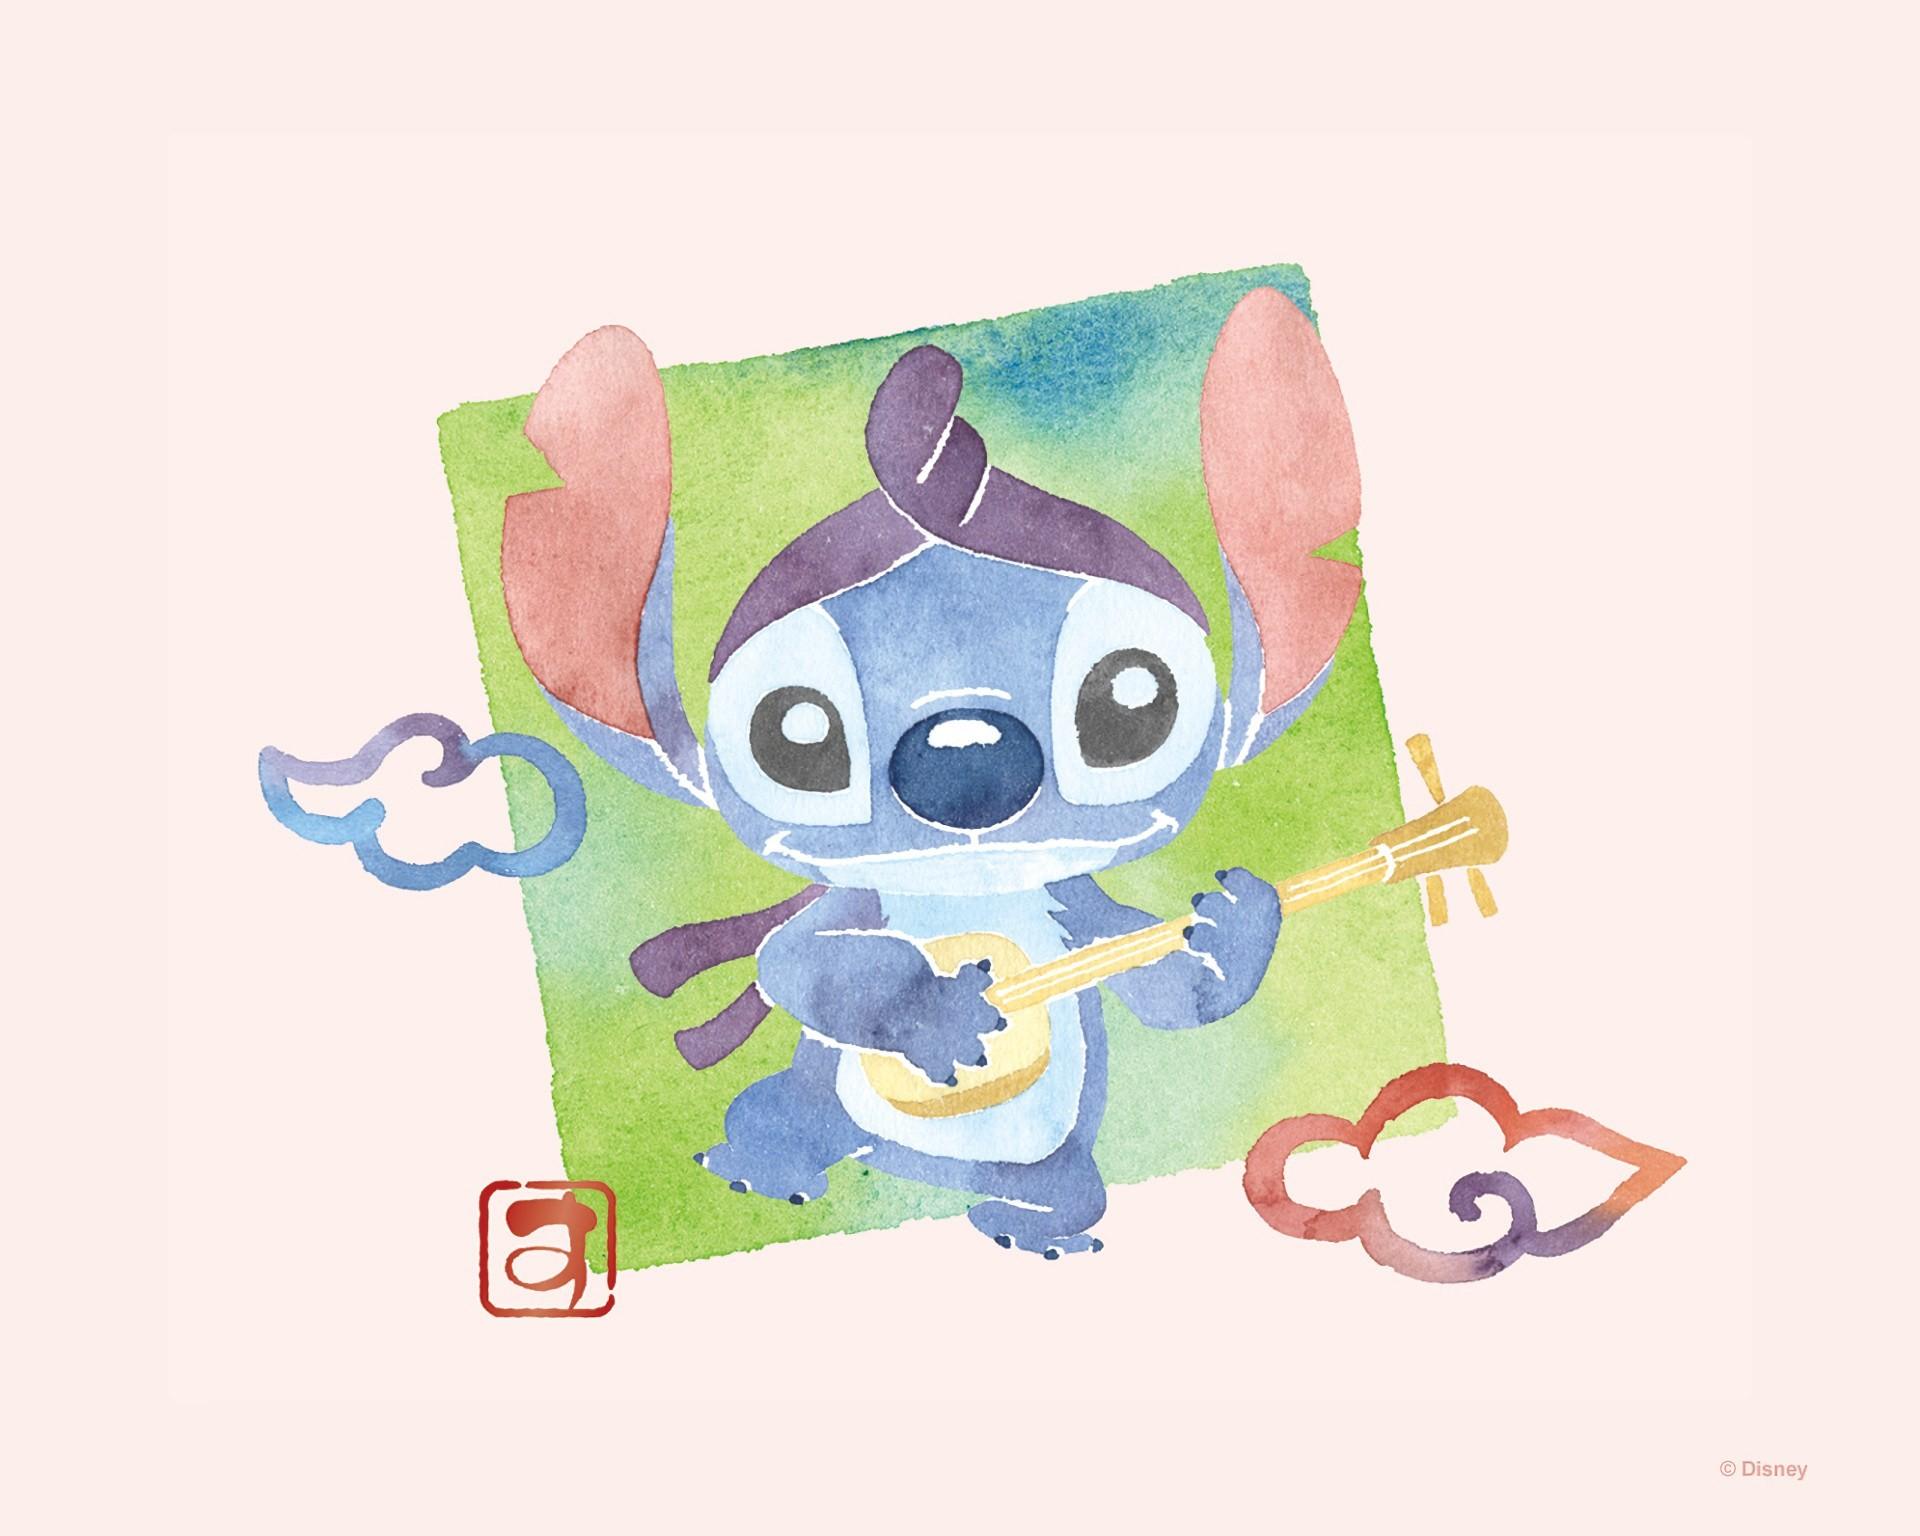 Lilo And Stitch Wallpaper Tumblr Lilo And Stitch Wallpaper